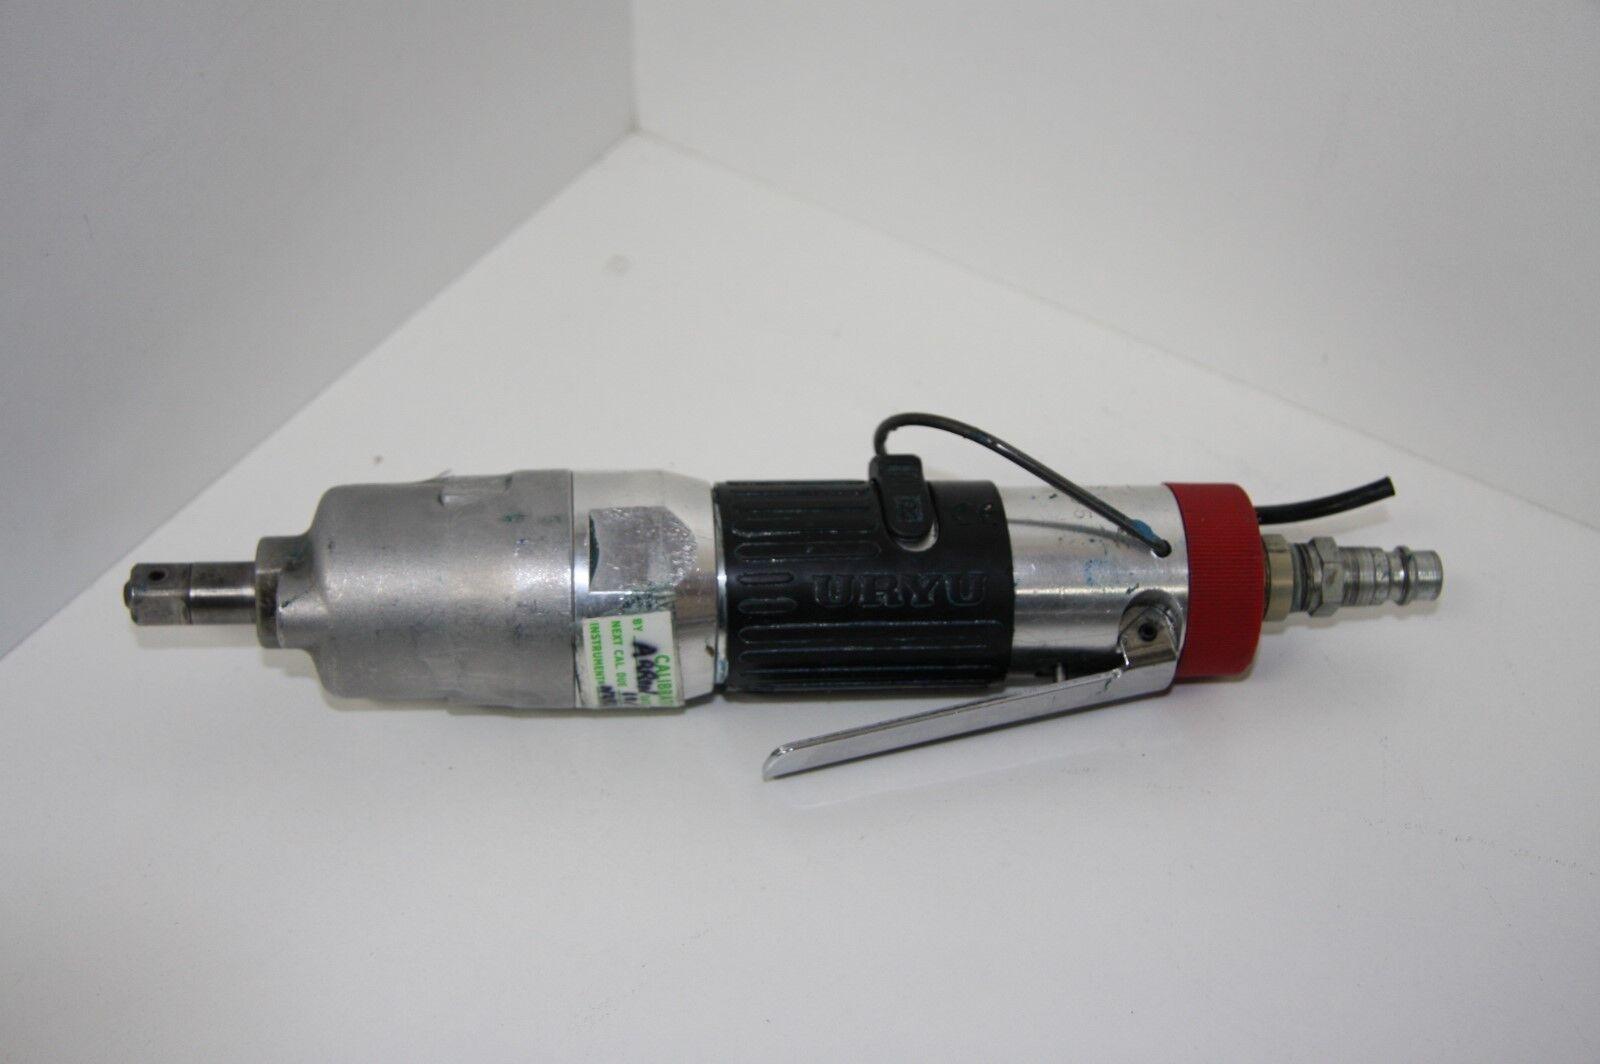 """URYU, ULT 50S, 3/8""""Drive Pulse Tool, Pneumatic / Air Tool. Japan"""